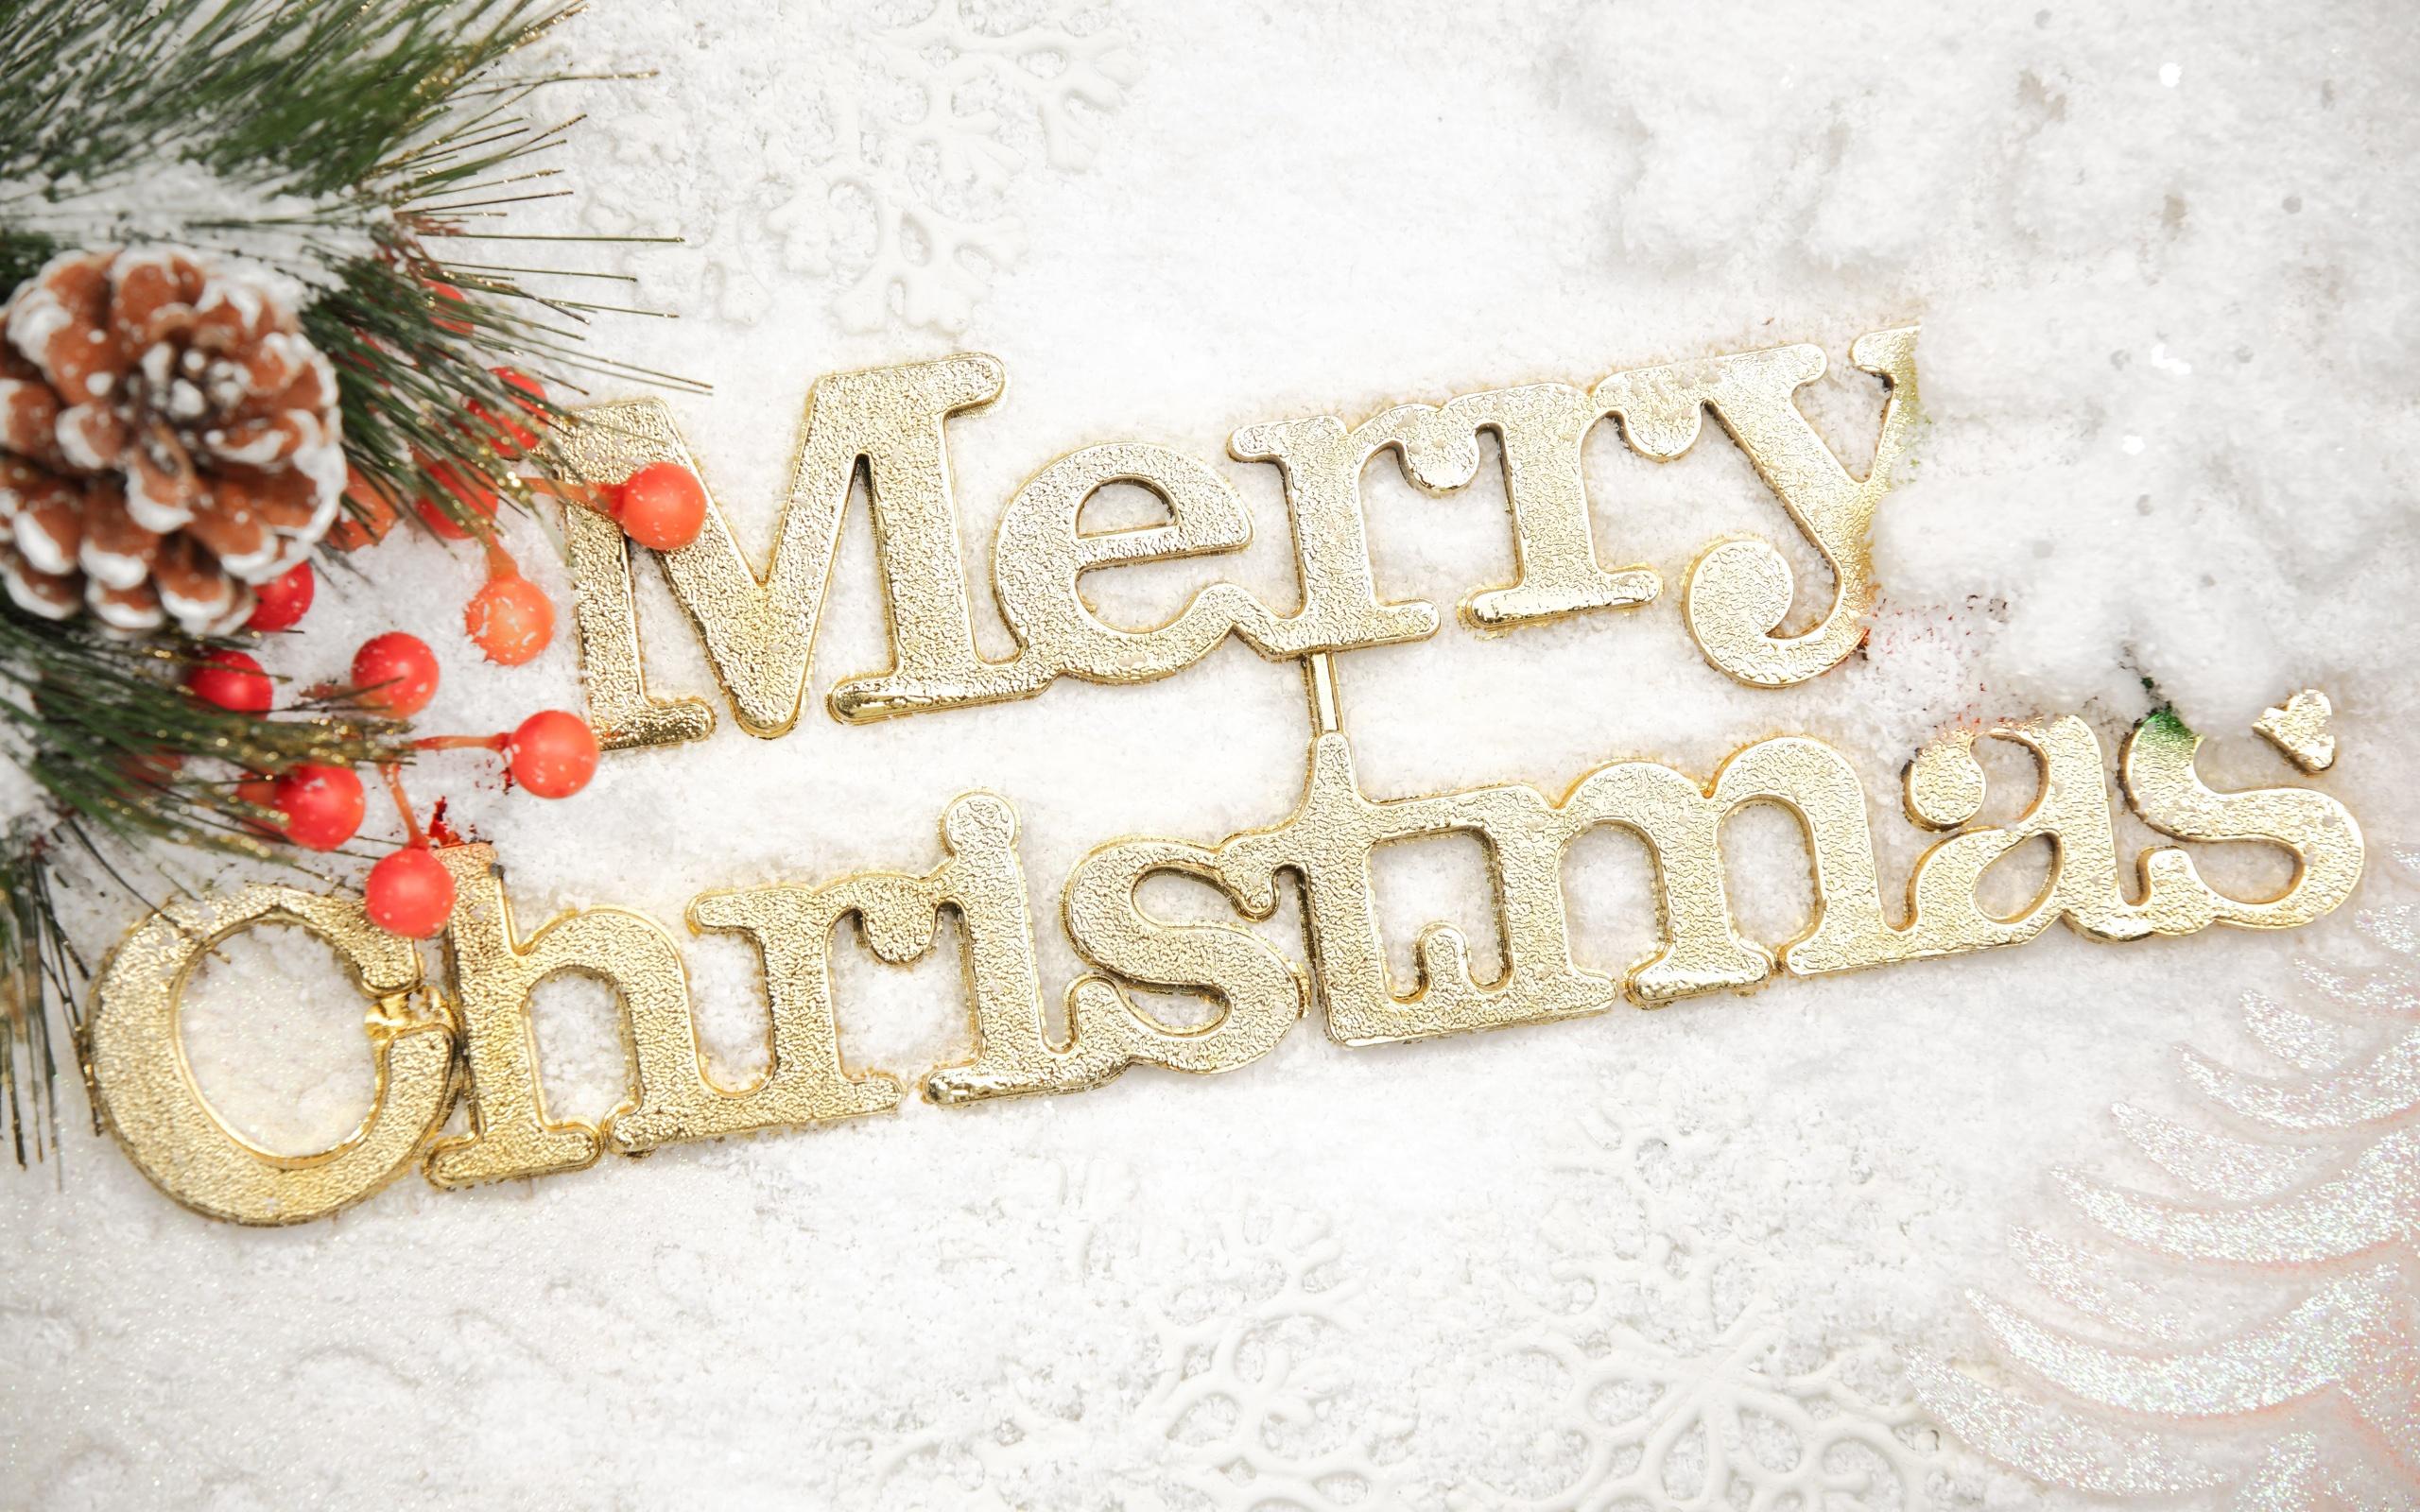 Weihnachten Zeichen, Weihnachtsbaum, Schneeflocken, Ornamente ...